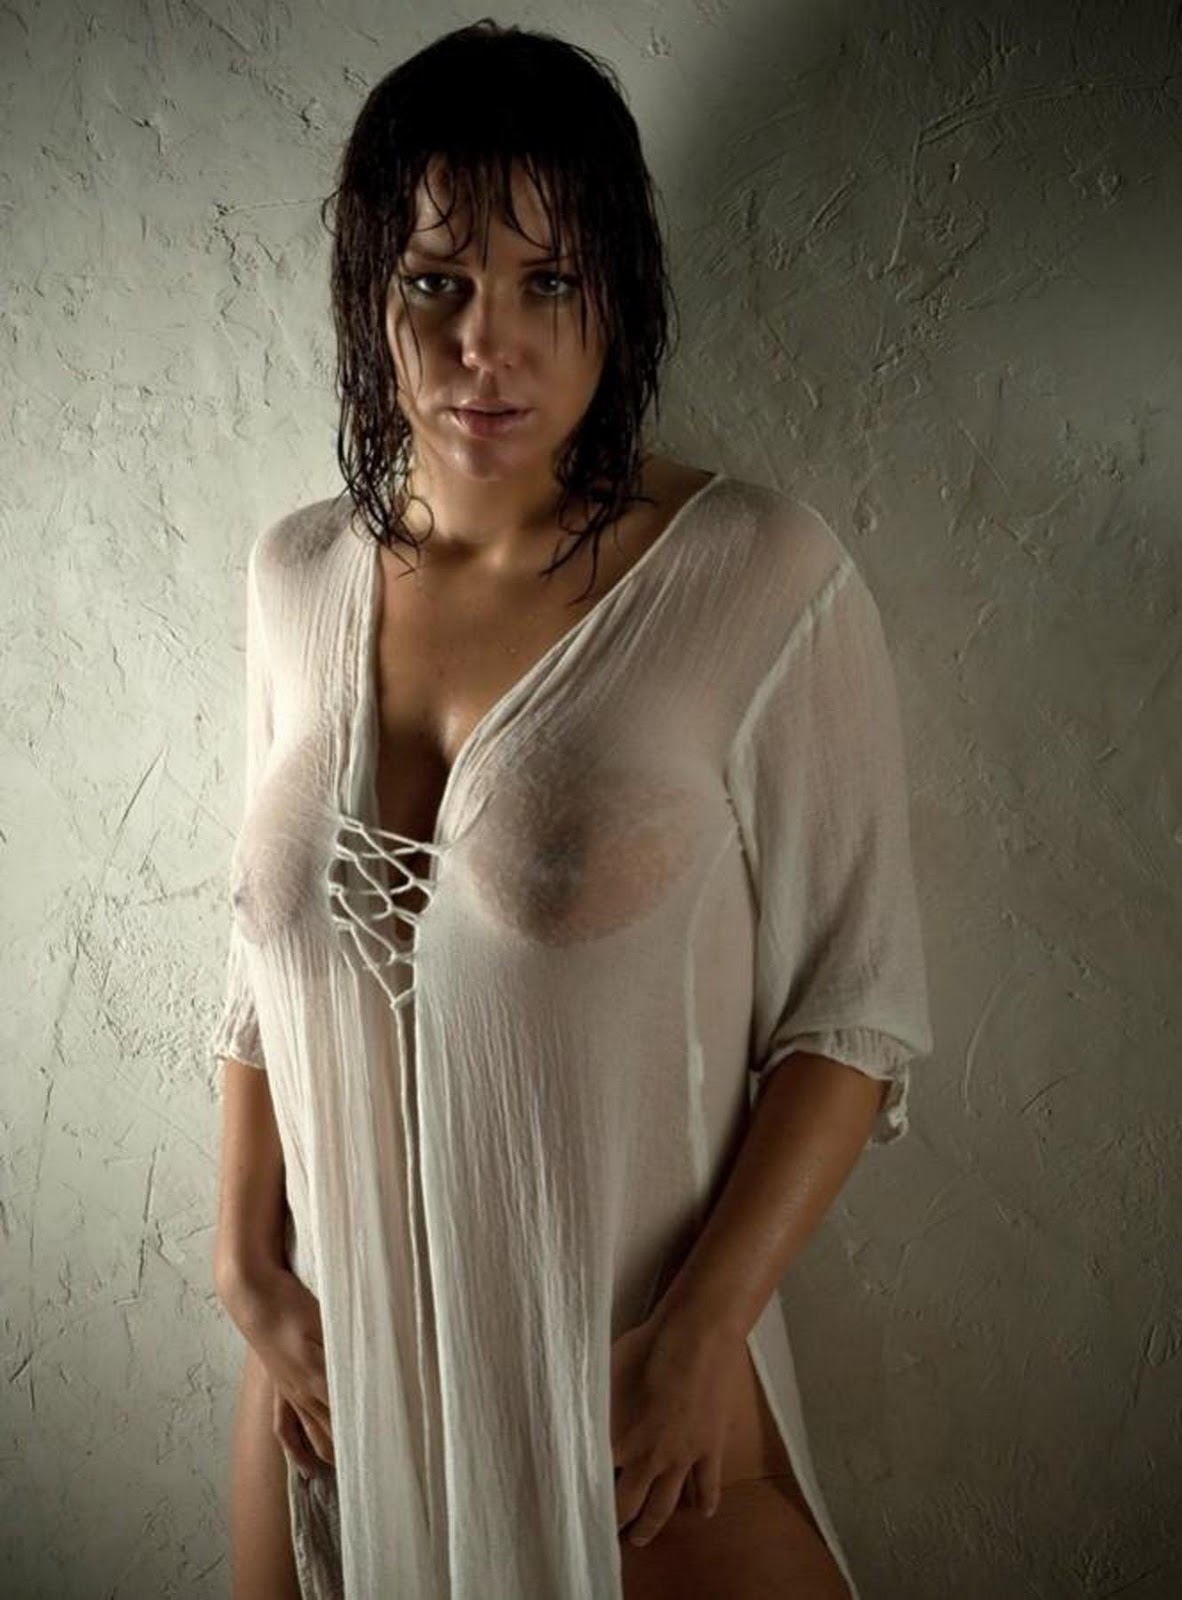 عکس روزانه: زن حشری